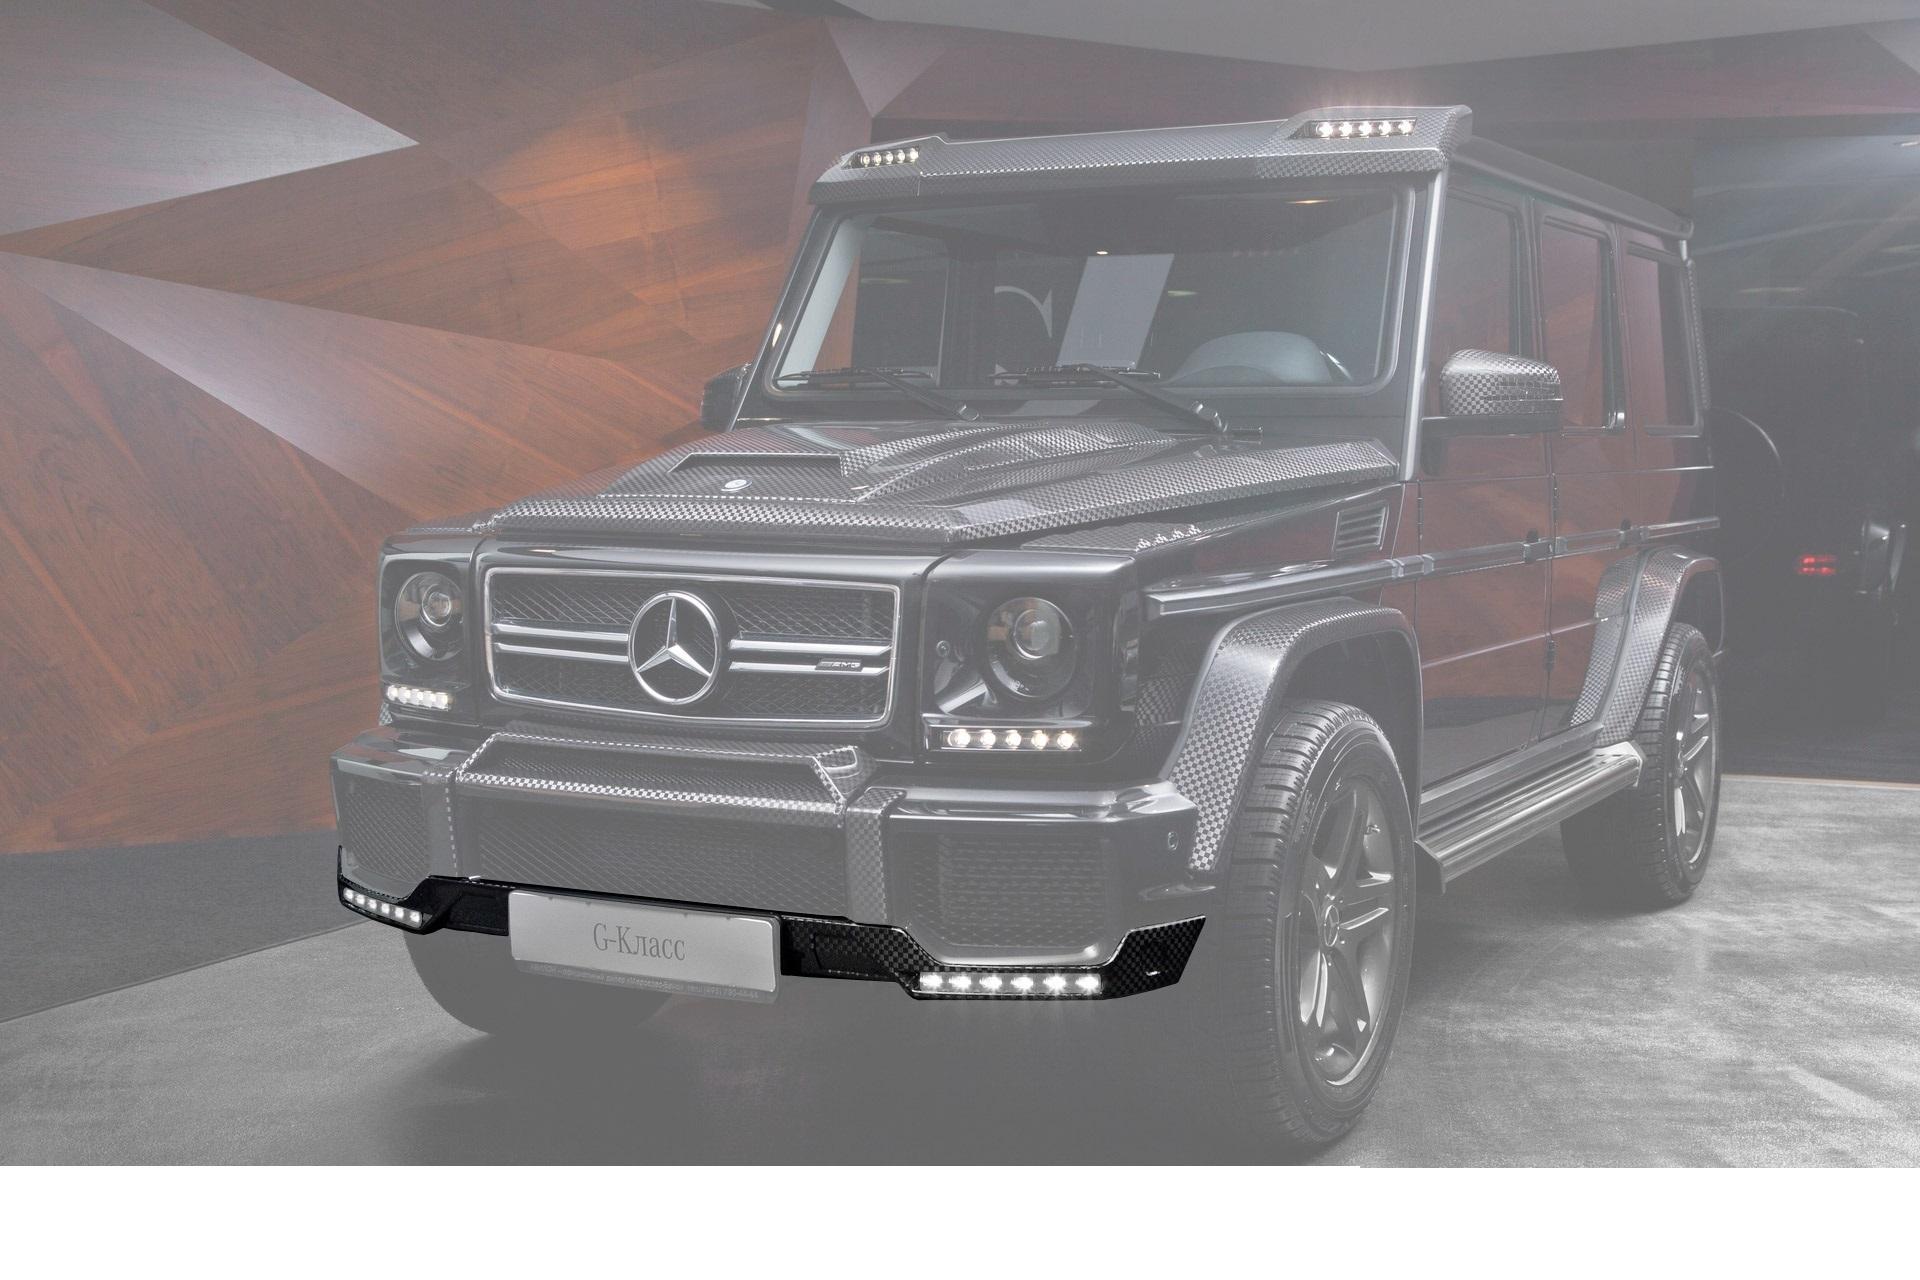 Карбоновый спойлер переднего бампера Brabus Style для Mercedes G-class W463